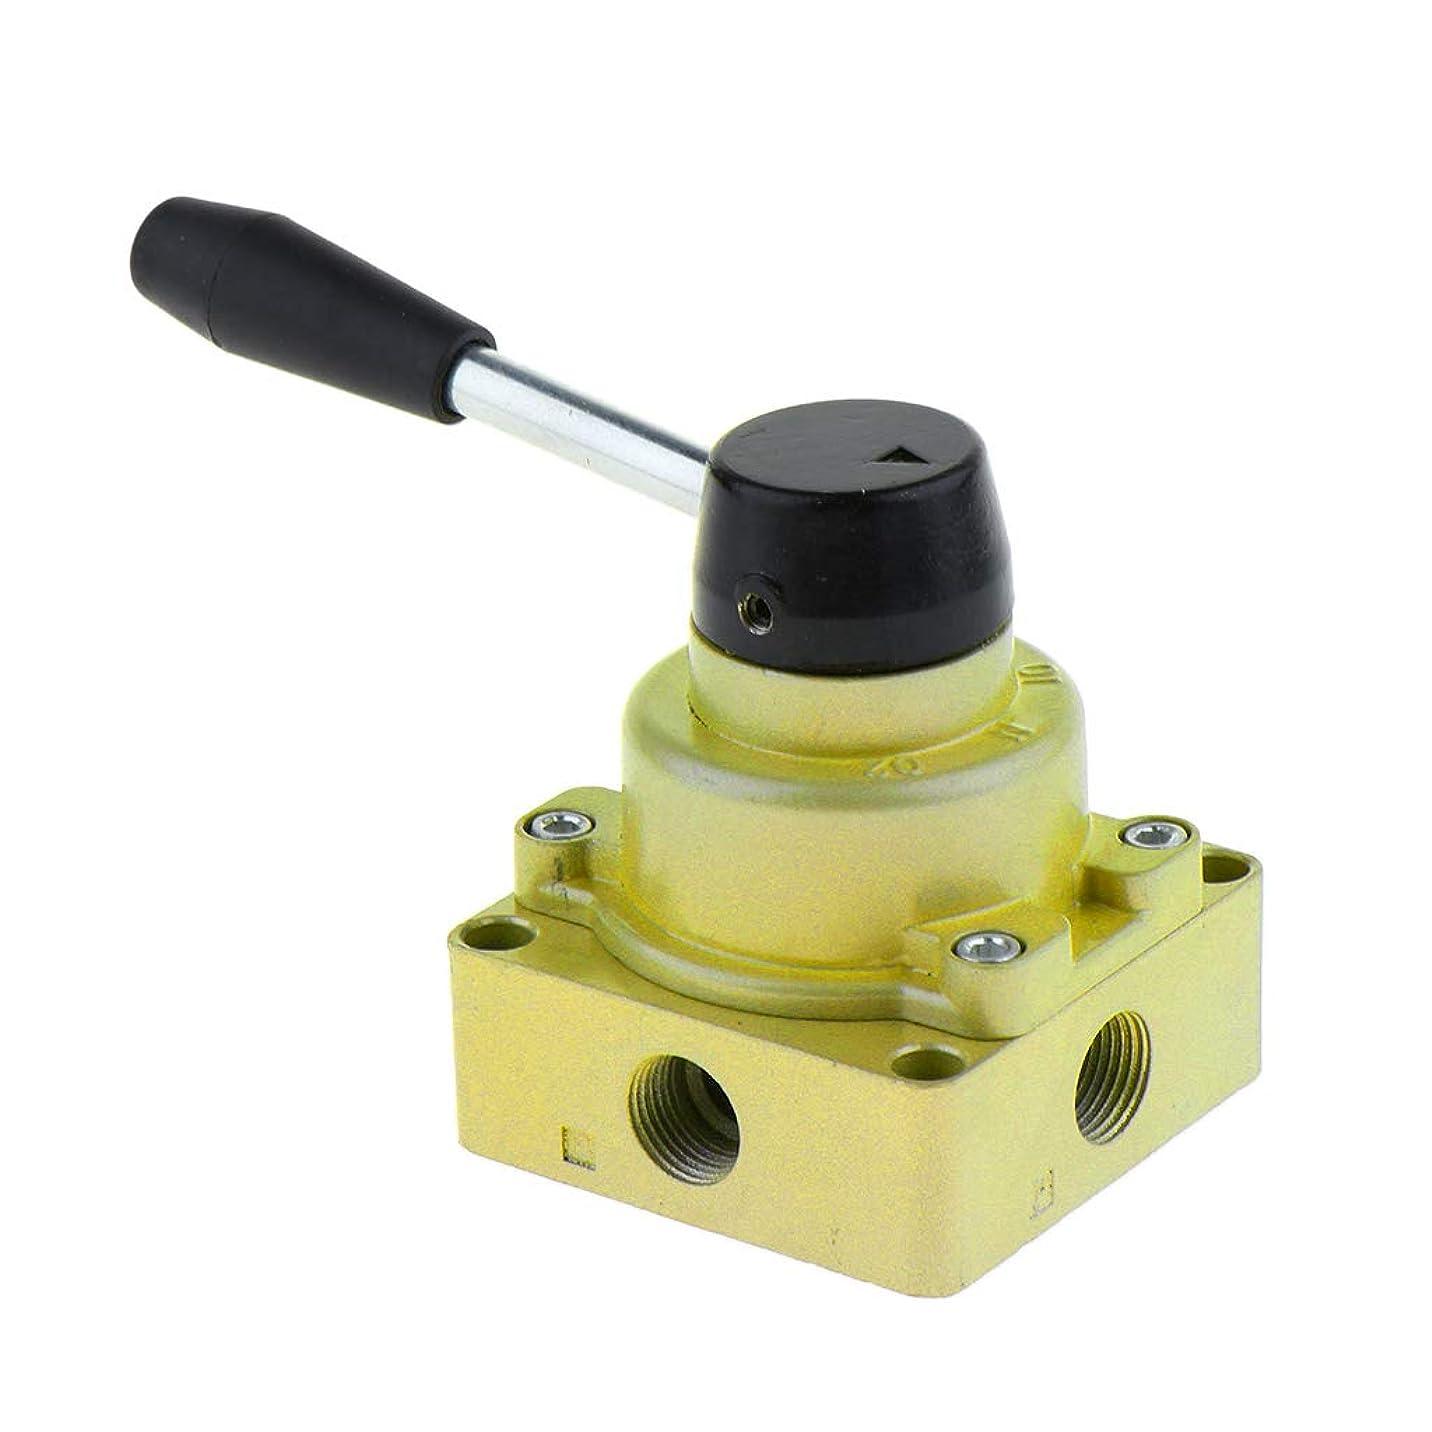 薄暗い魔法処分したgazechimp 空気圧バルブ 4方法3位置 空気圧ハンドバルブ HV-02 HV-03 HV-04 ハンドレバー - HV-03